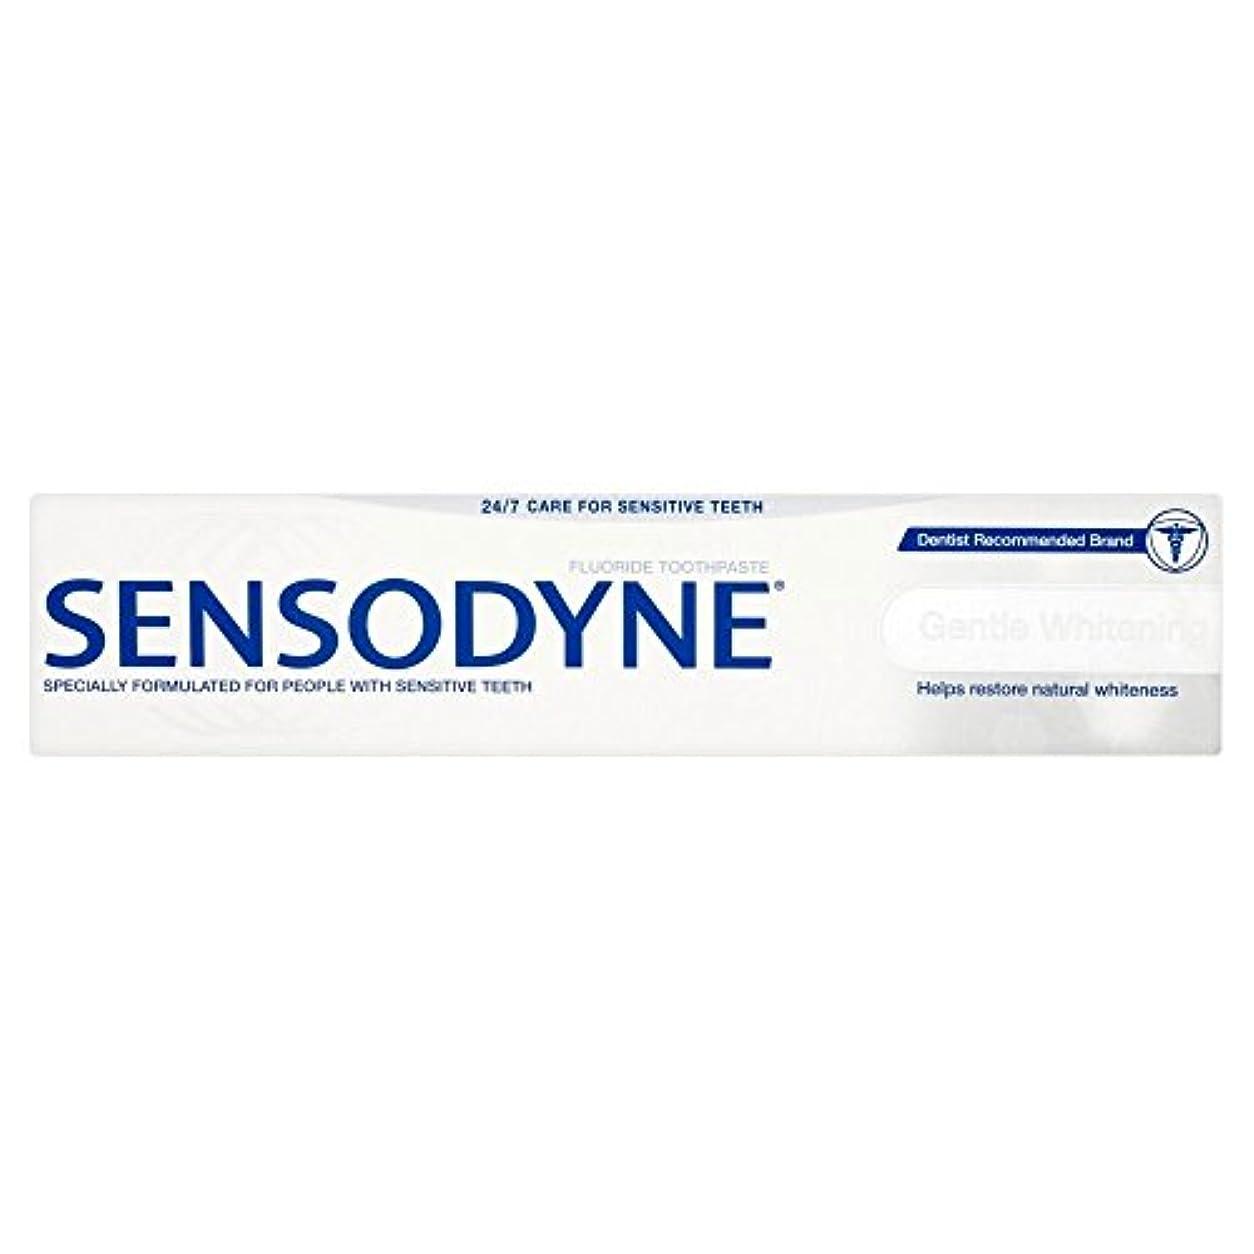 ダムカヌーバックグラウンドSensodyne Total Care Gentle Whitening Toothpaste Tube (100ml) Sensodyneトータルケア優しいホワイトニング歯磨き粉のチューブ( 100ミリリットル) [...